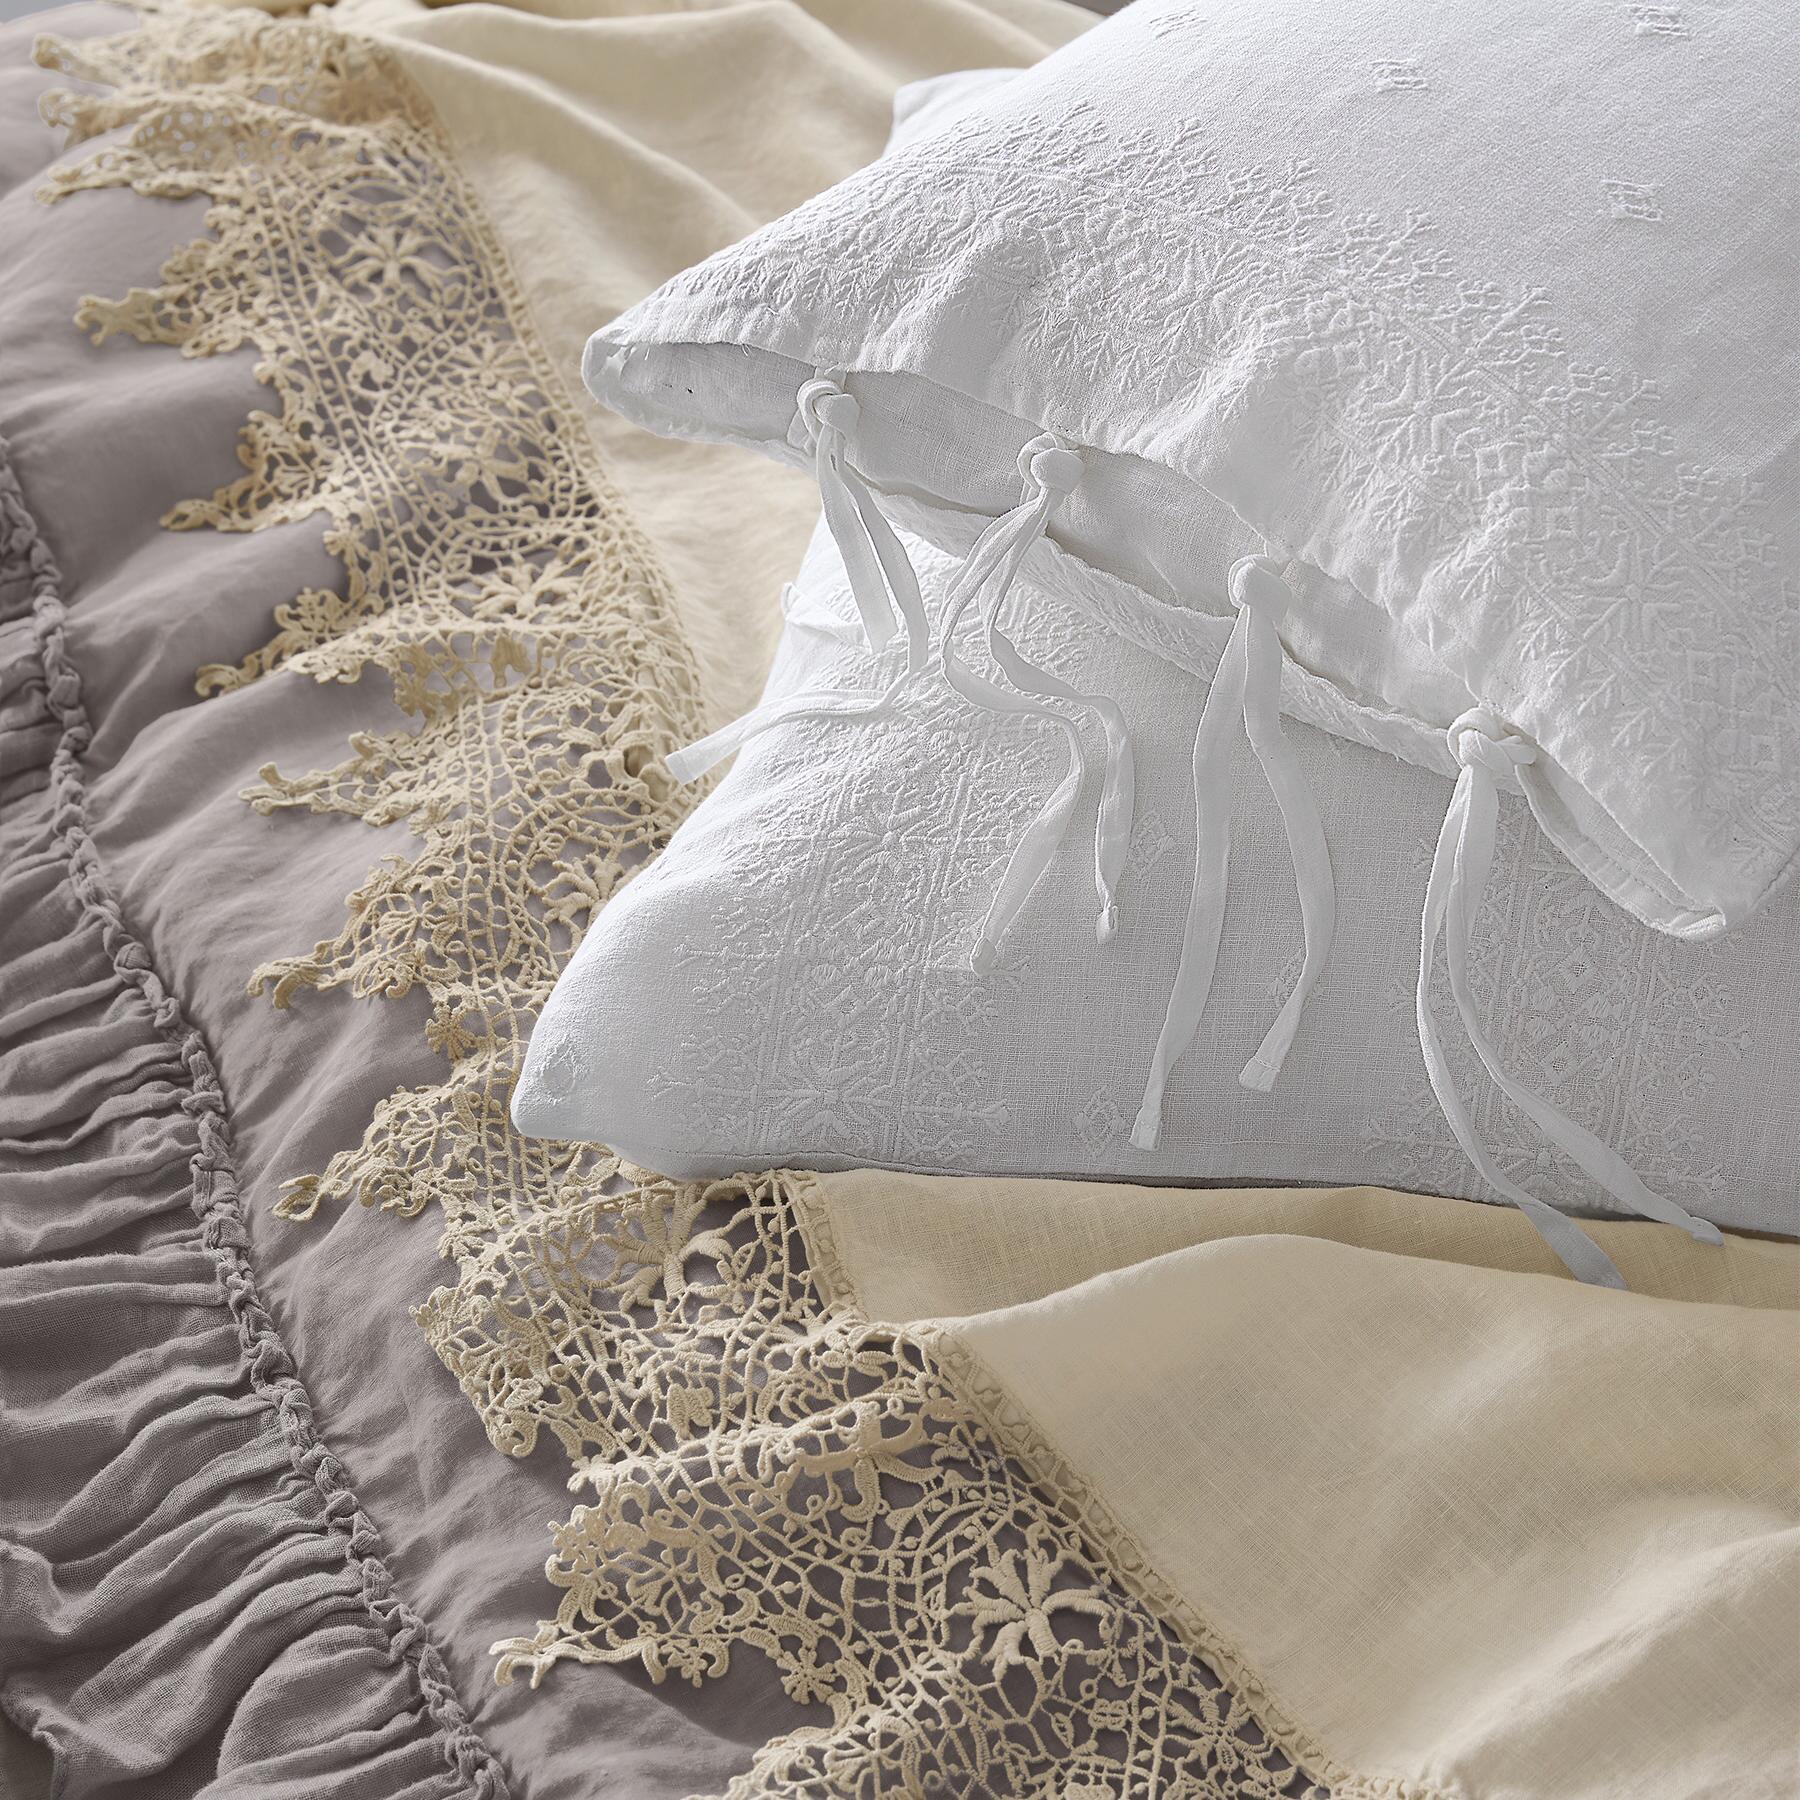 Gossamer Linen Lace Flat Sheet: View 3